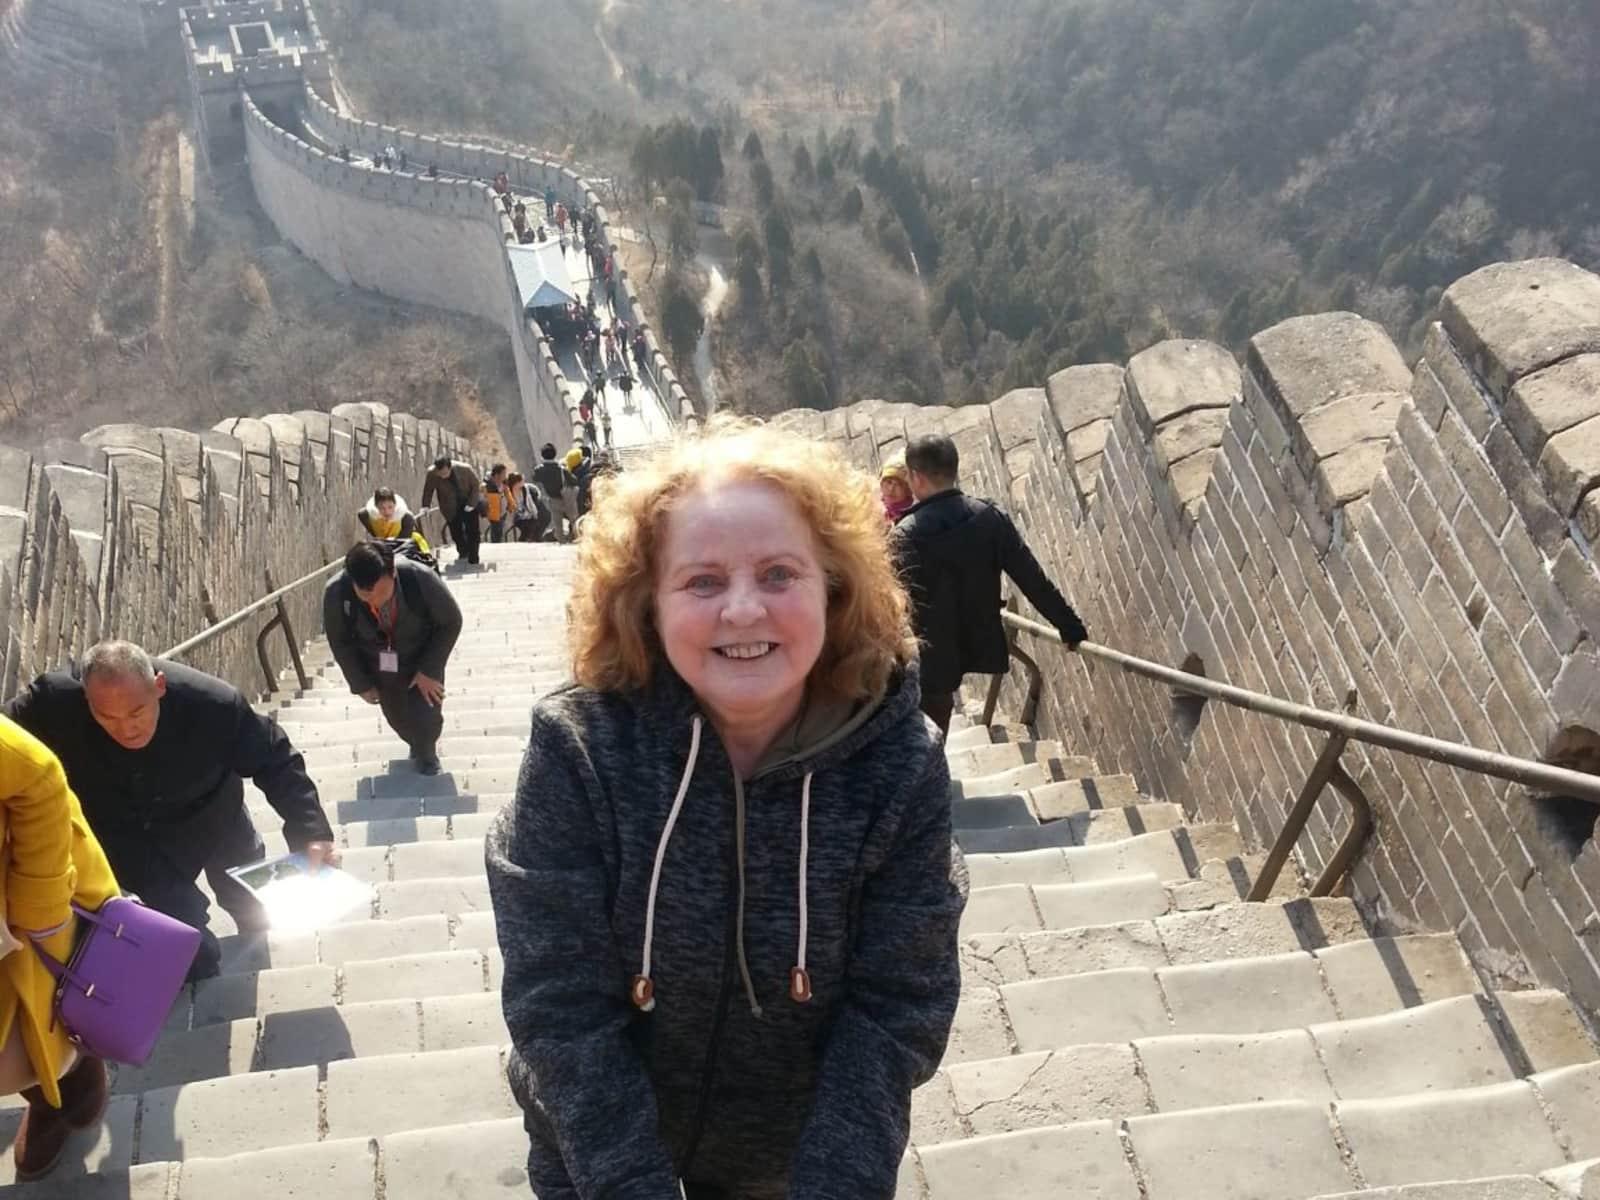 Diane from Niagara Falls Centre, Ontario, Canada